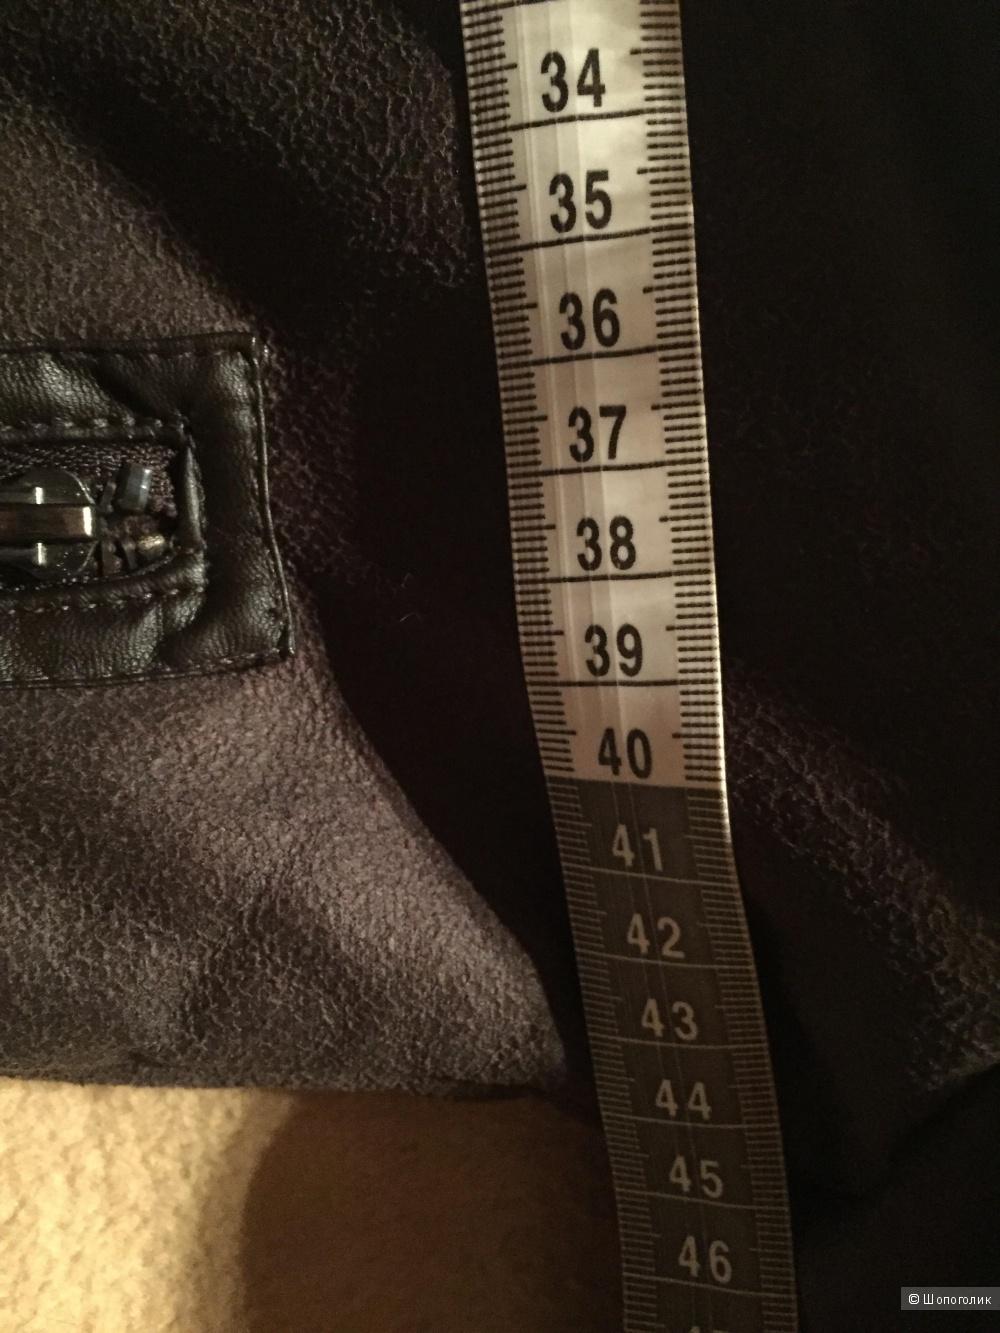 Дубленка искусственная французской марки Camaieu размер указан наш 42.